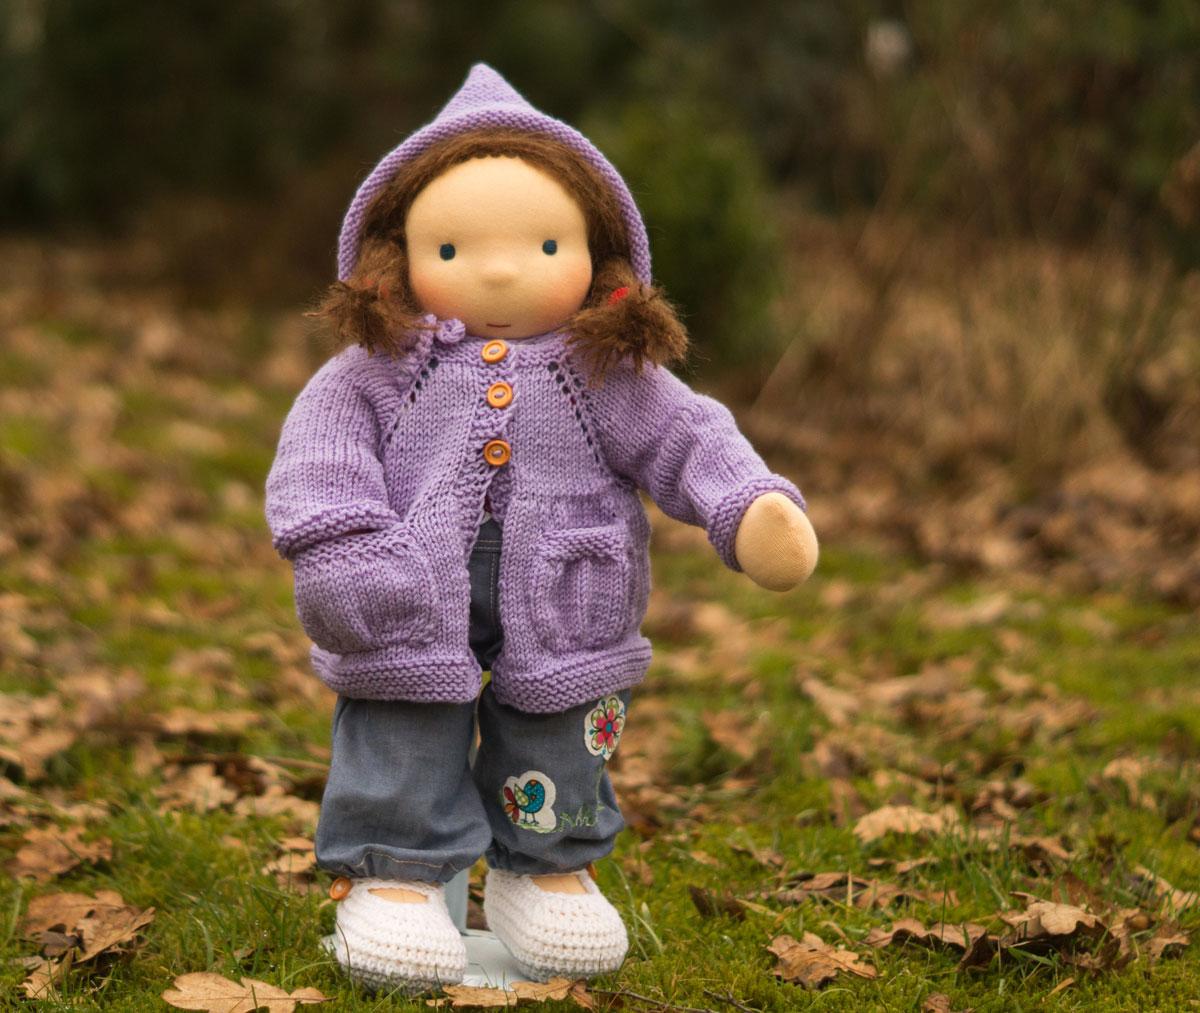 die richtige Puppe für dein Kind ab 3 Jahre ist eine Puppe zum An-und Ausziehen aus Stoff nach Art der Waldorfpuppe